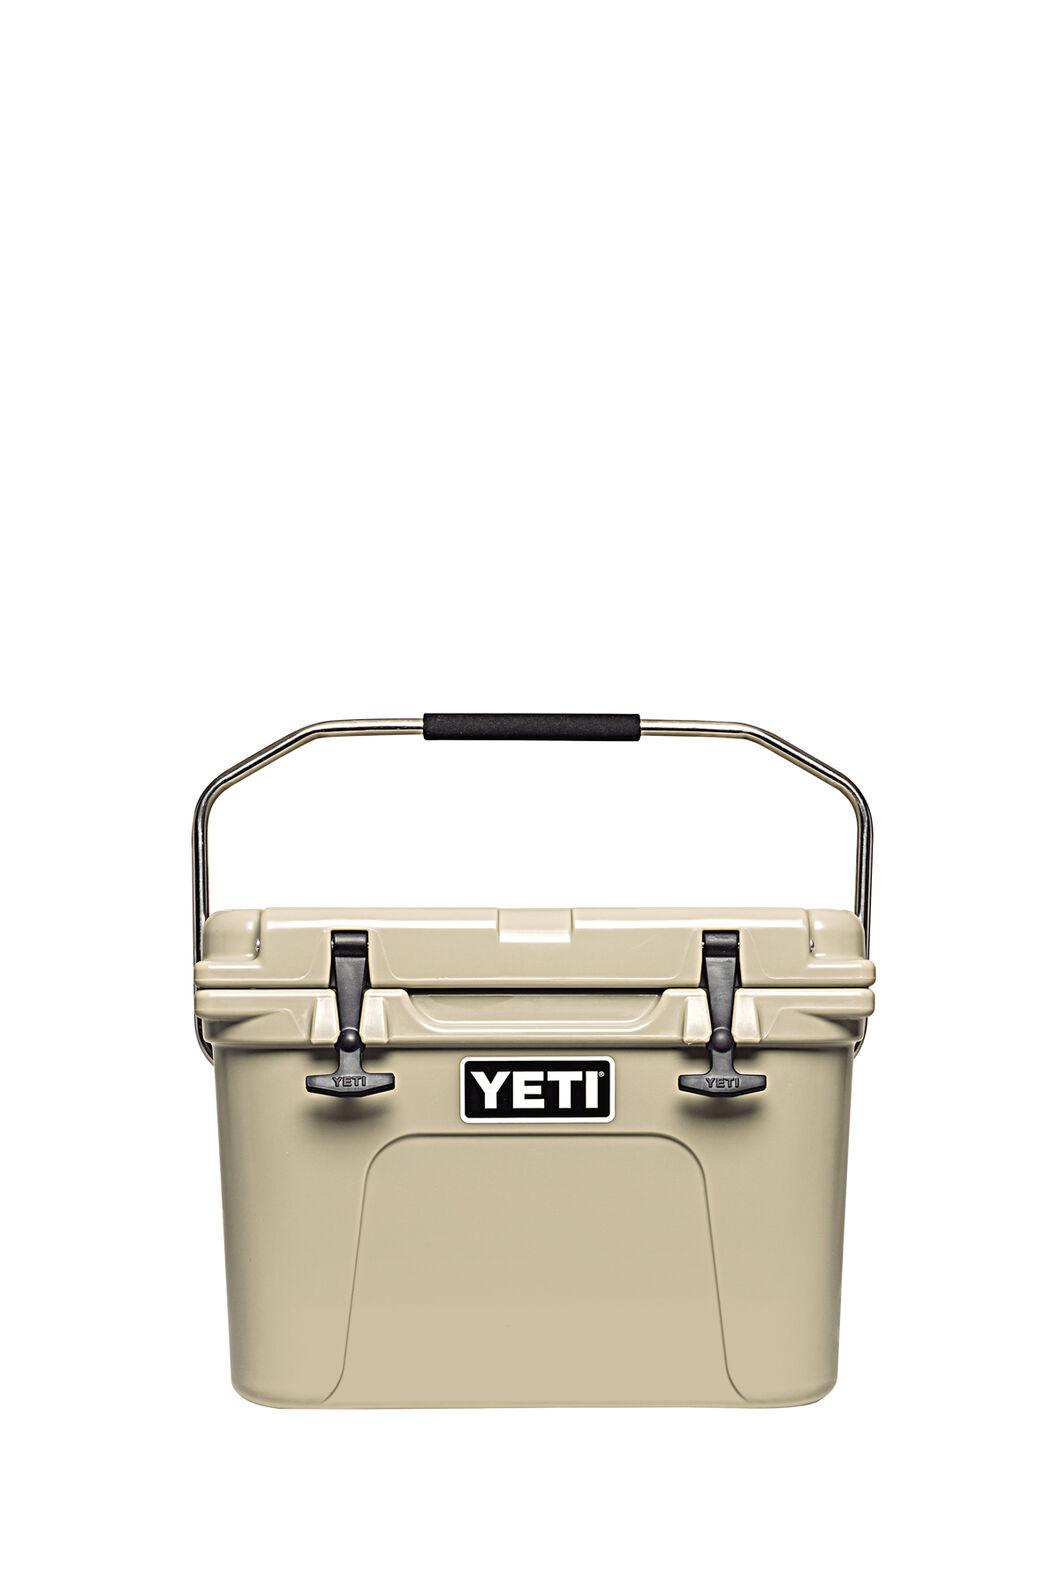 Yeti Roadie 20 Cooler, Tan, hi-res